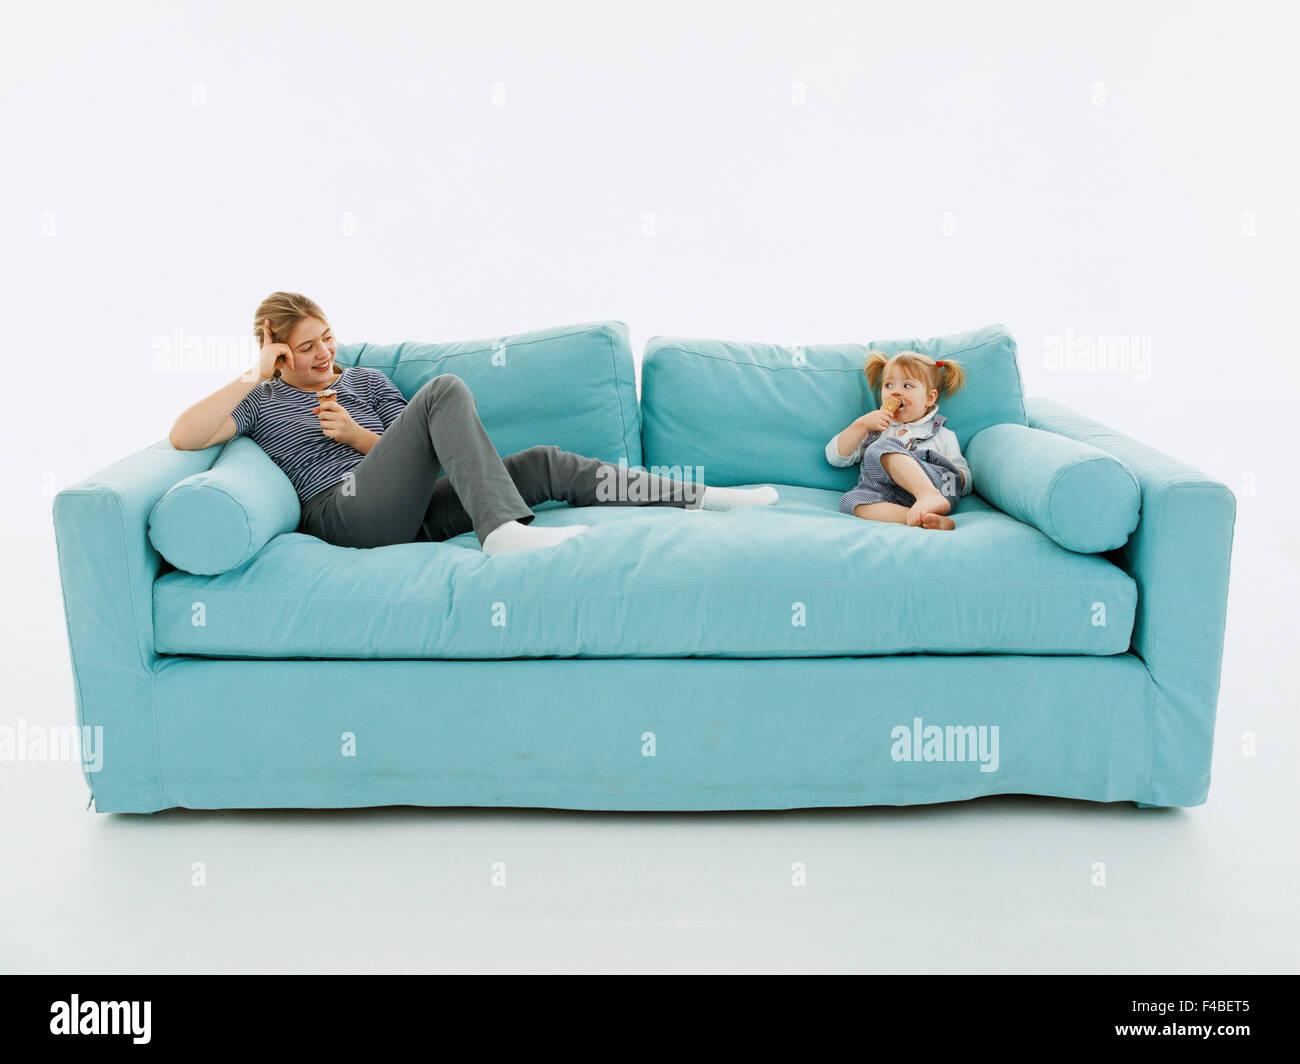 blaue Katalog 2 Kinder Farbe nur Bild häuslichen Lebens ...